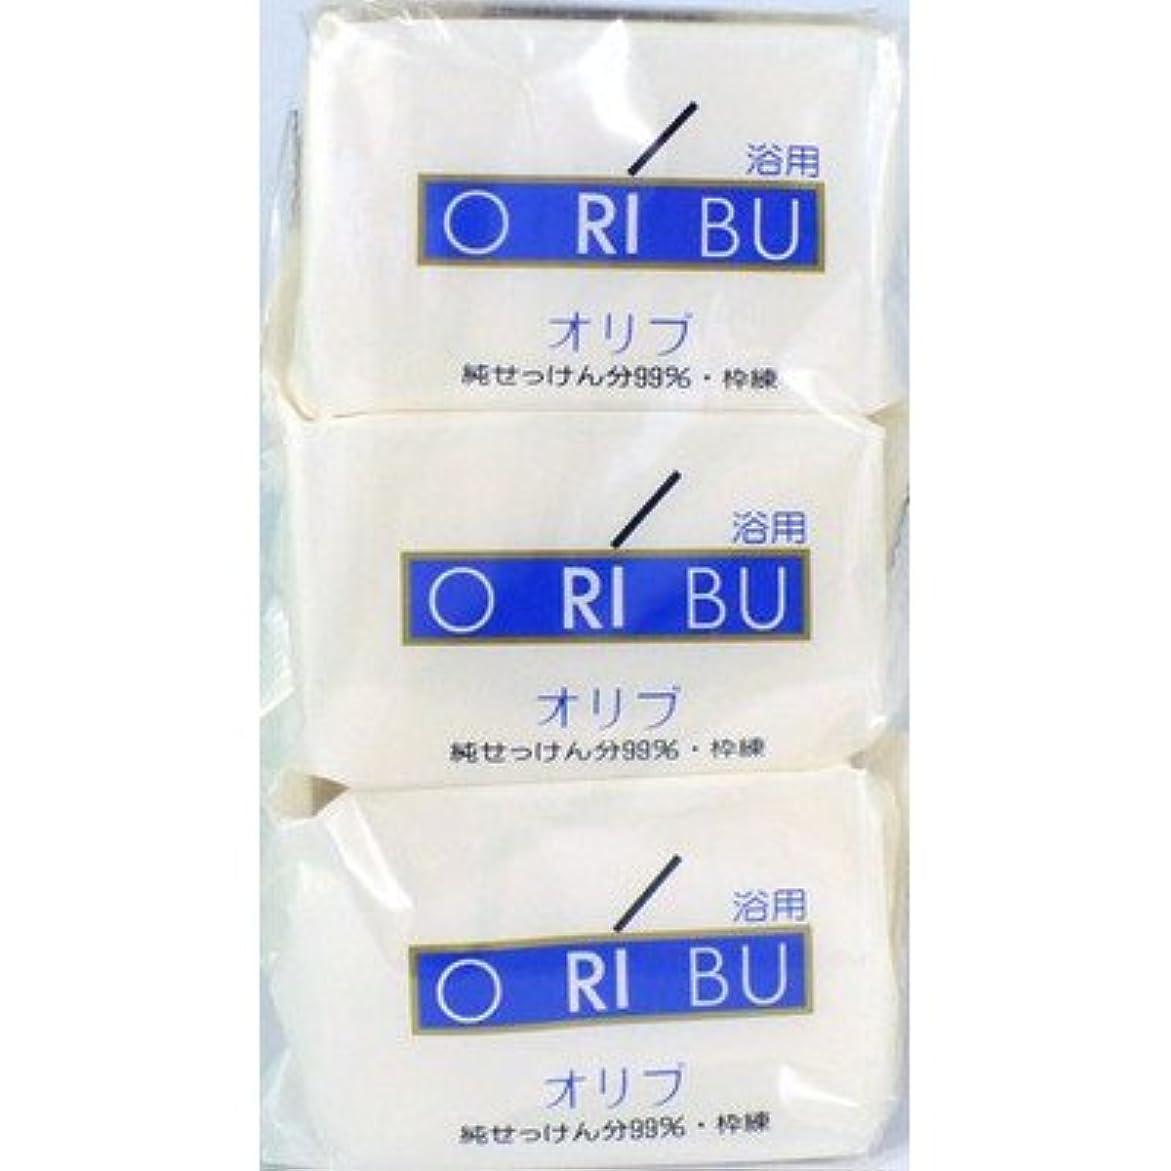 懲戒思いつく一元化する暁石鹸 ORIBU オリブ 浴用石鹸 110g 3個入り